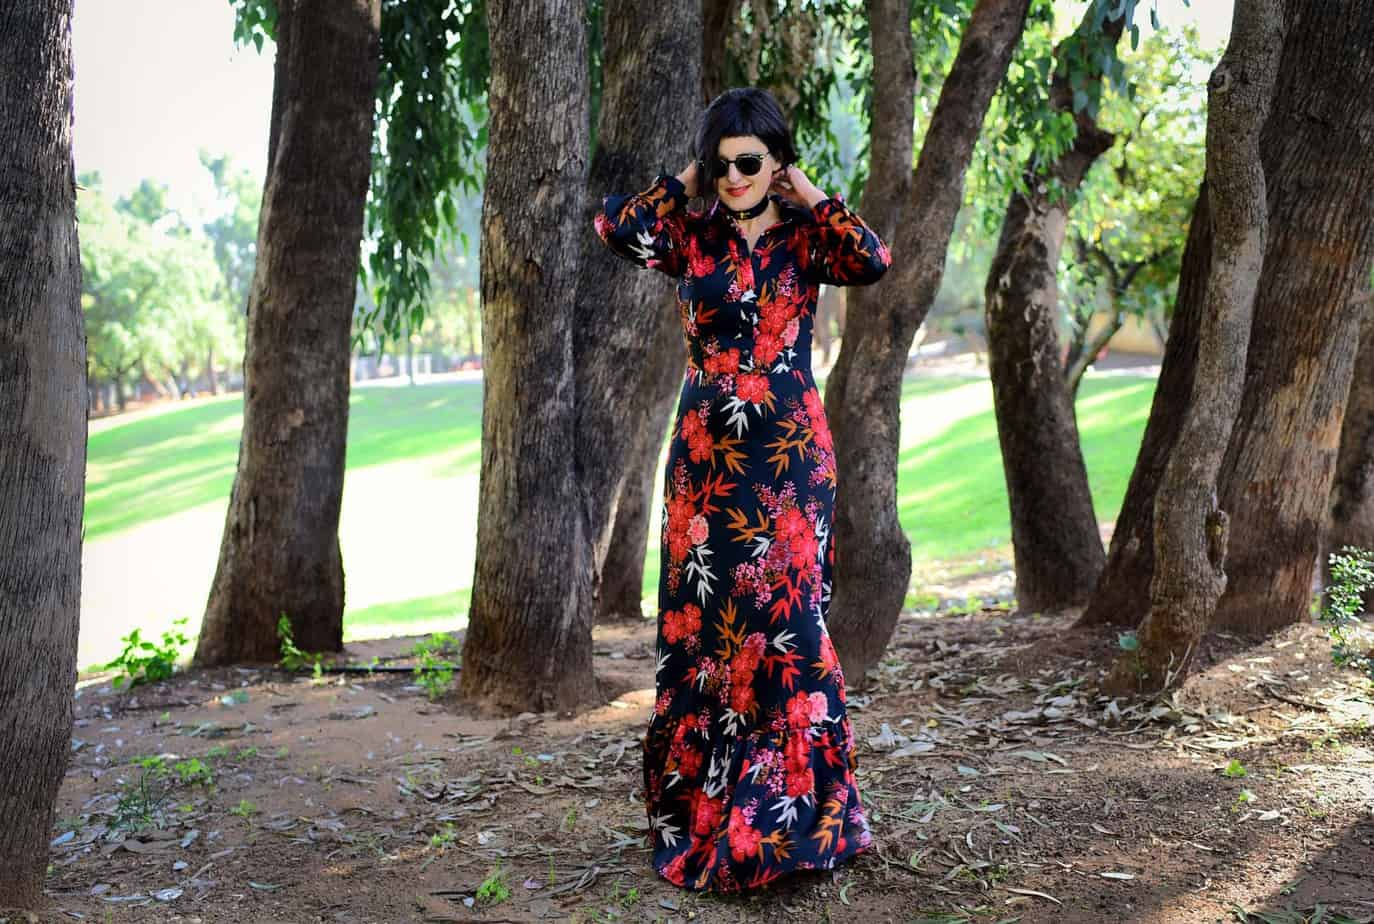 לארה רוסנובסקי, מעצבת אופנה, צילום לימור יערי - 34